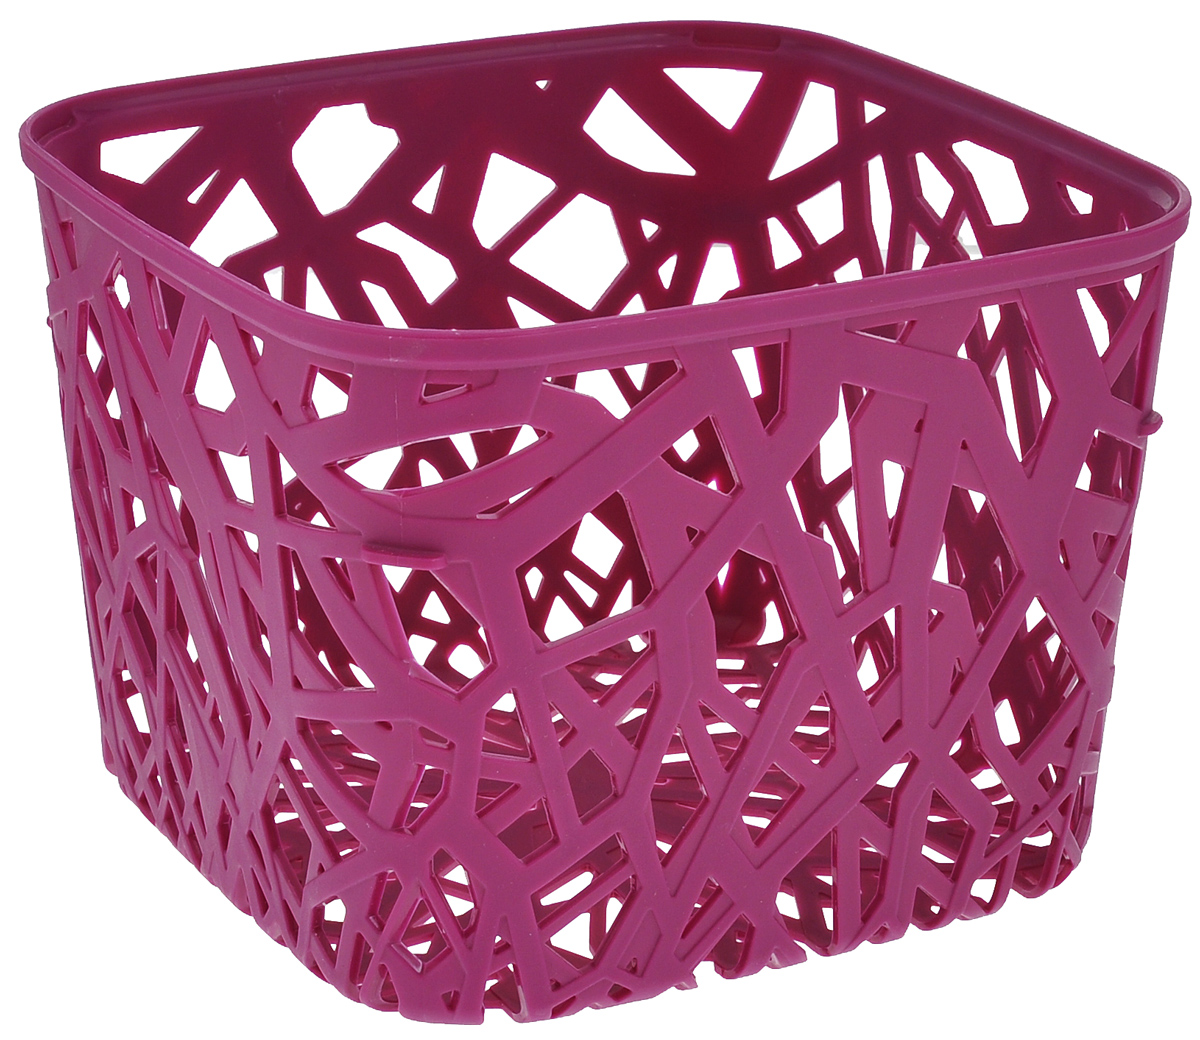 Корзинка Curver Ecolife, цвет: фиолетовый, 19,2 см х 19,2 см х 14,4 смPARIS 75015-8C ANTIQUEКвадратная корзинка Curver Ecolife изготовлена из высококачественного пластика. Предназначена для хранения различных предметов в ванной, на кухне, на даче или в гараже. Стенки корзины оформлены изящной перфорацией, обеспечивающей естественную вентиляцию.